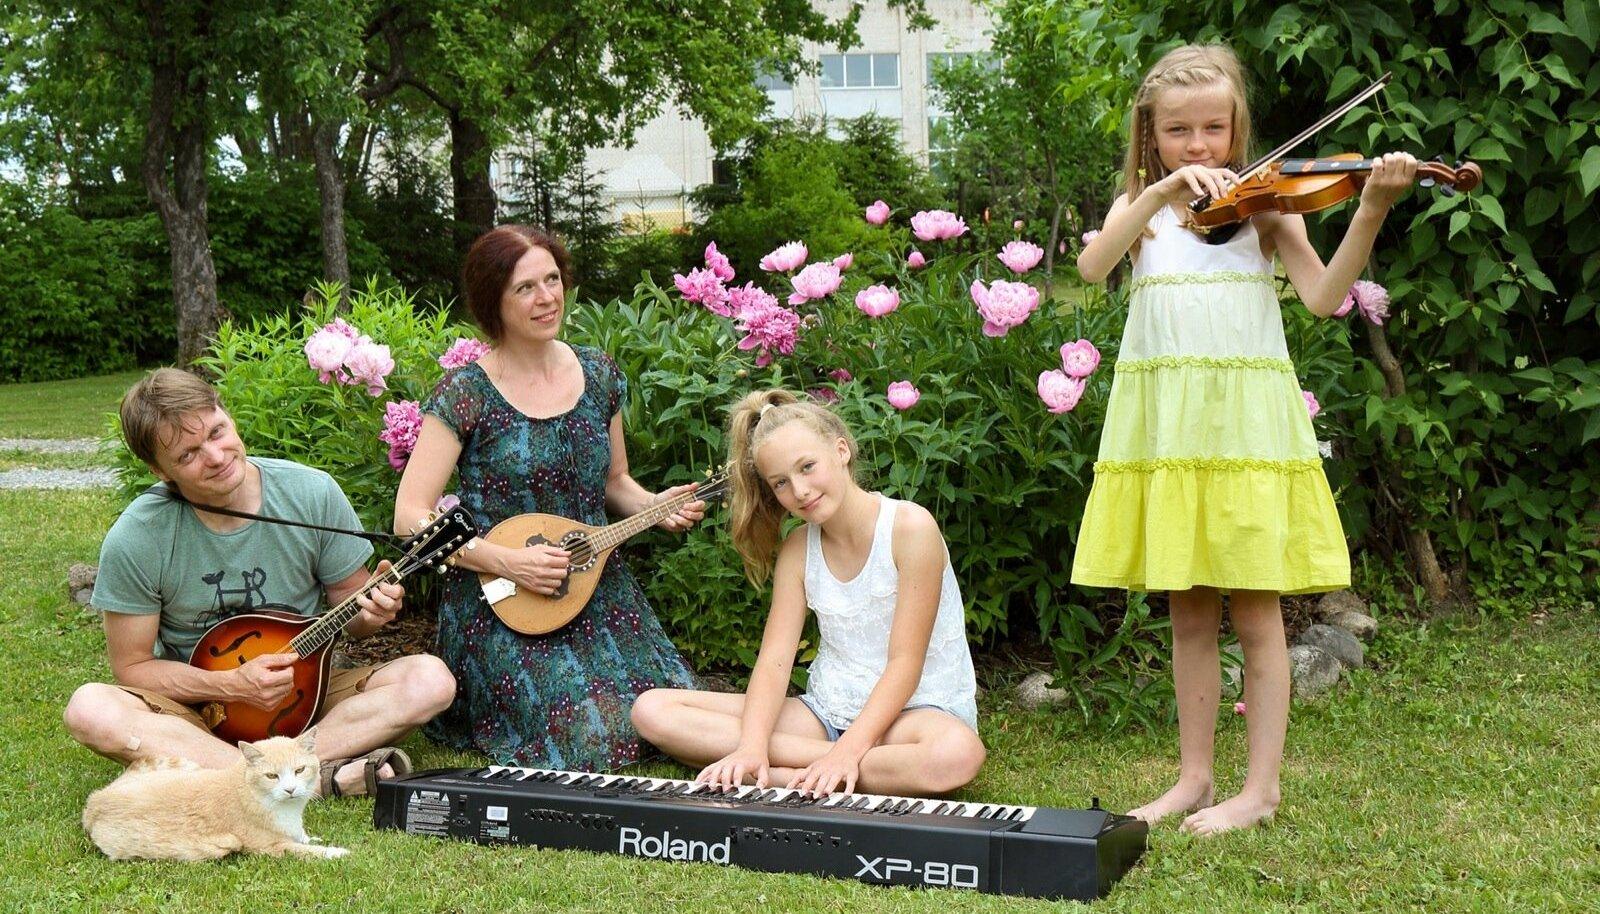 Selles peres mängivad kõik pilli: Ilmar ja Liina mandoliini, tütar Laura Liisa klaverit ja Mari Ann viiulit. Ilmar võlub aga helid välja teistestki pillidest, kõige osavamalt viiulist. | Fotod: Vahur Pormeister